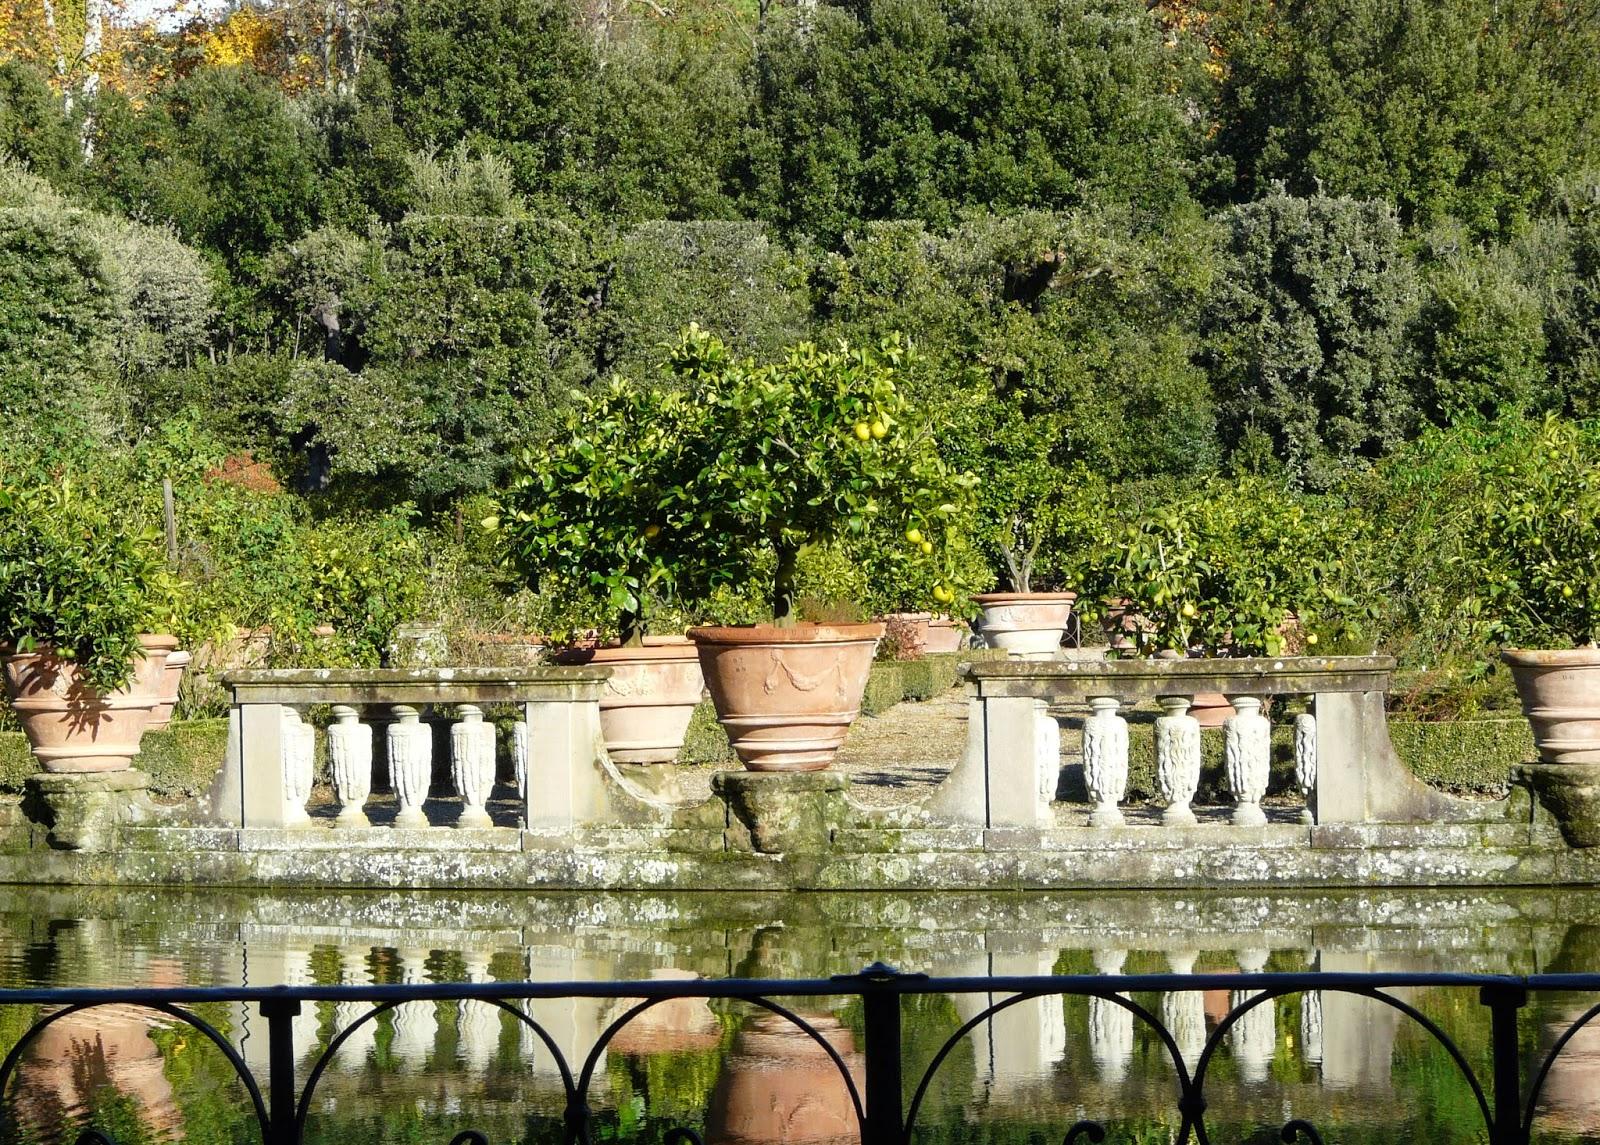 Ilclanmariapia andar per parchi i giardini di boboli - I giardini di boboli ...